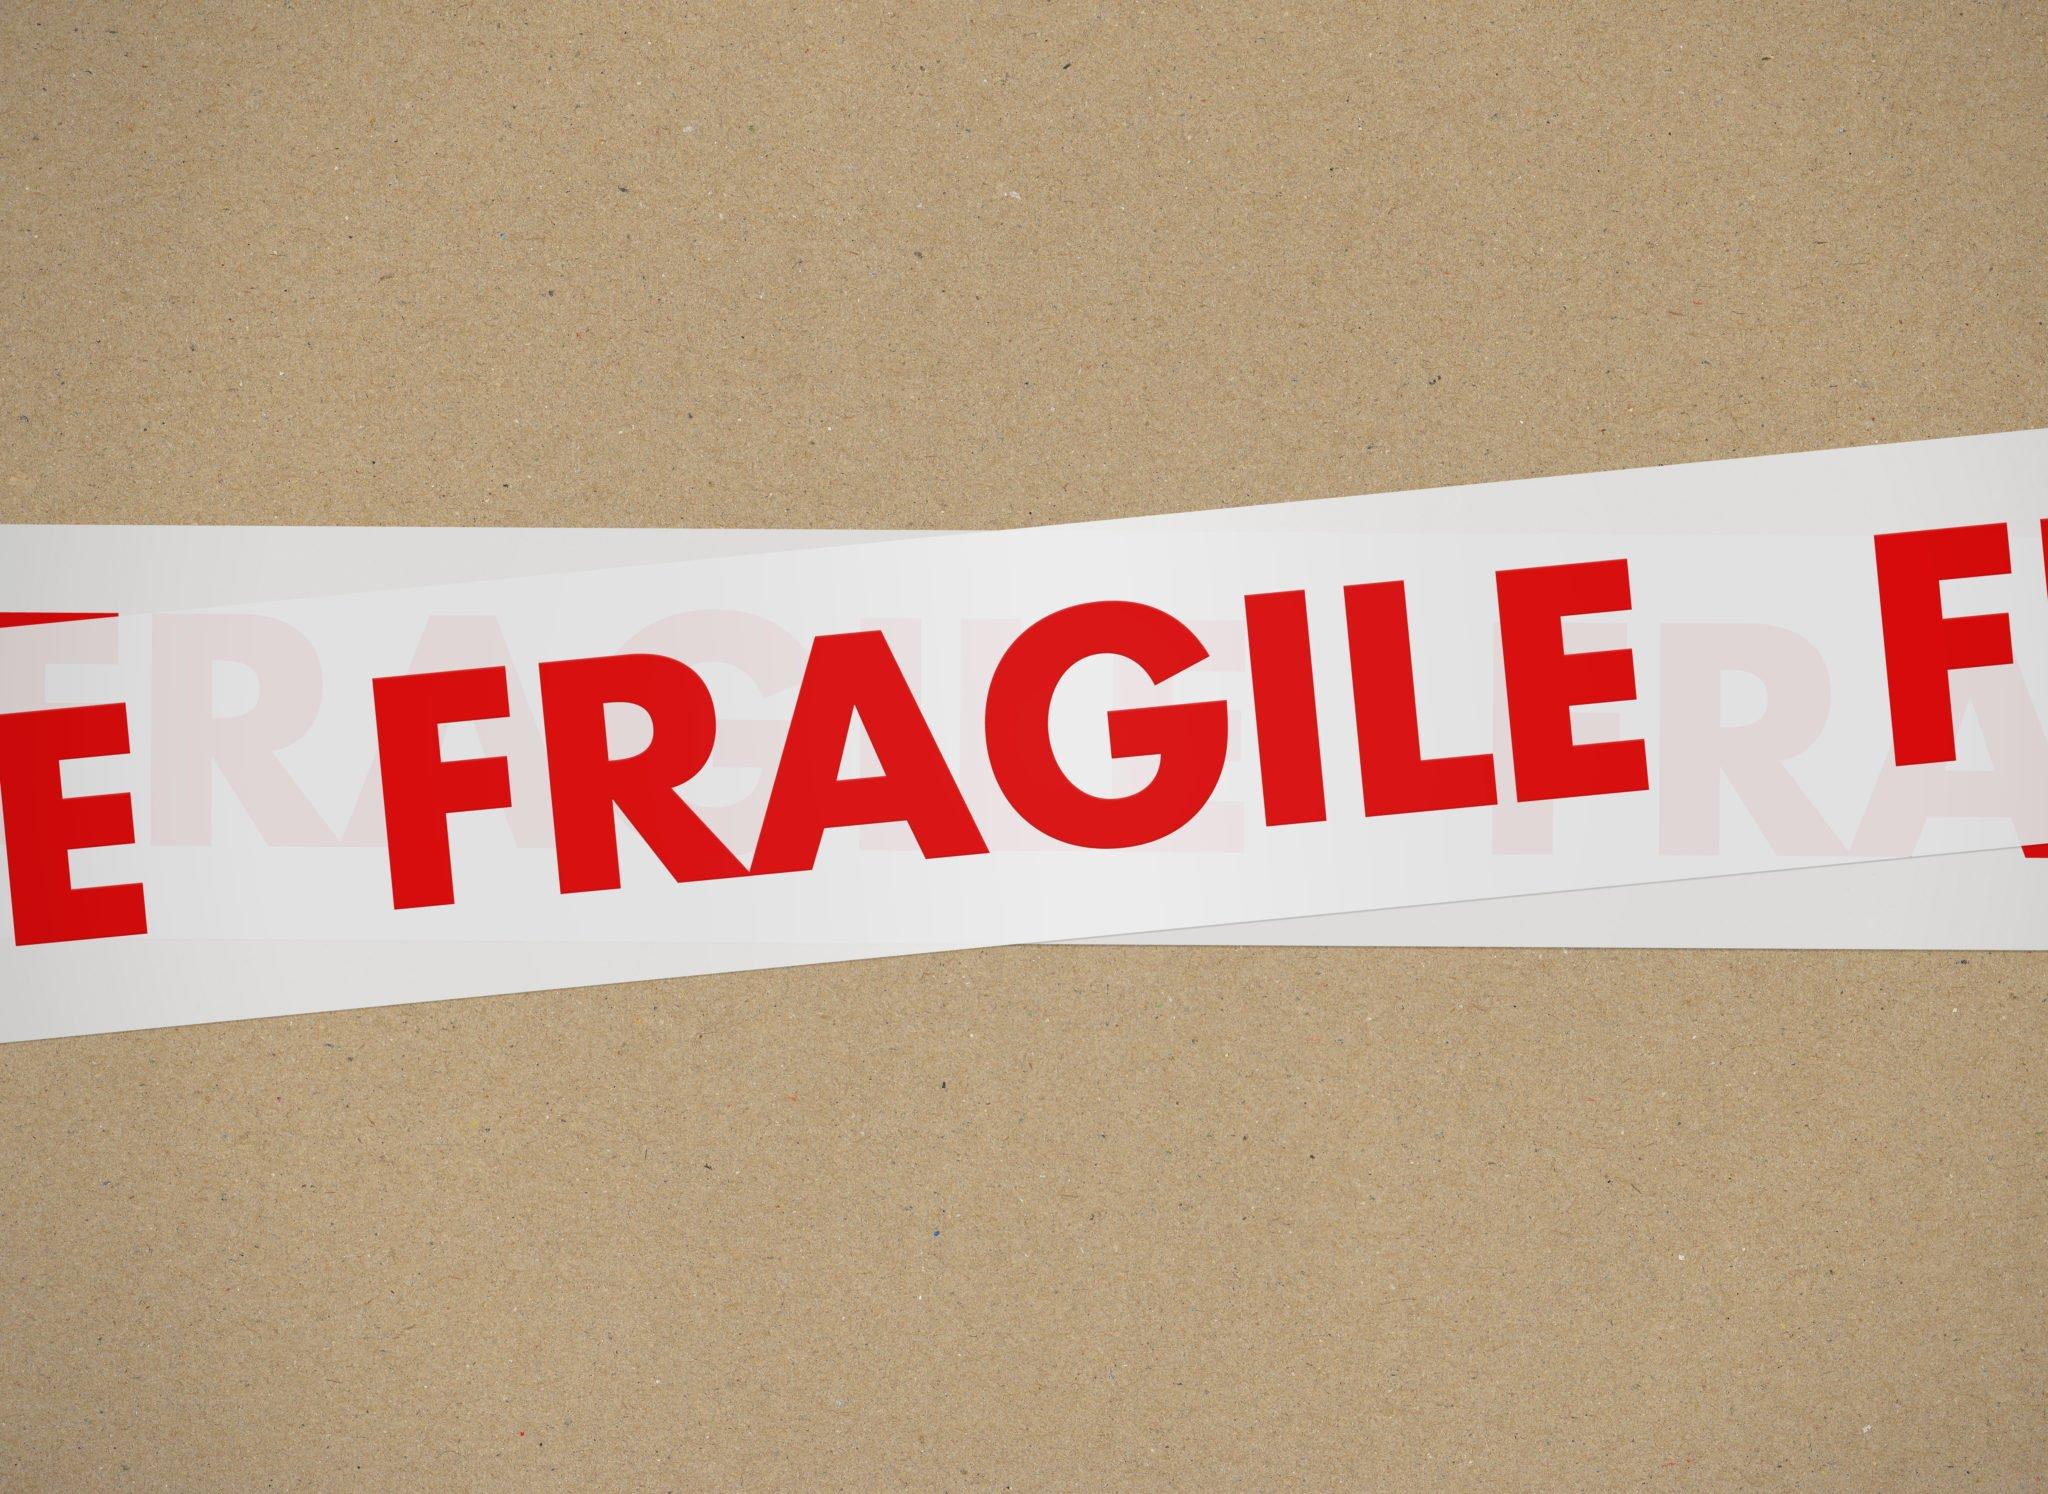 Red White Fragile tape